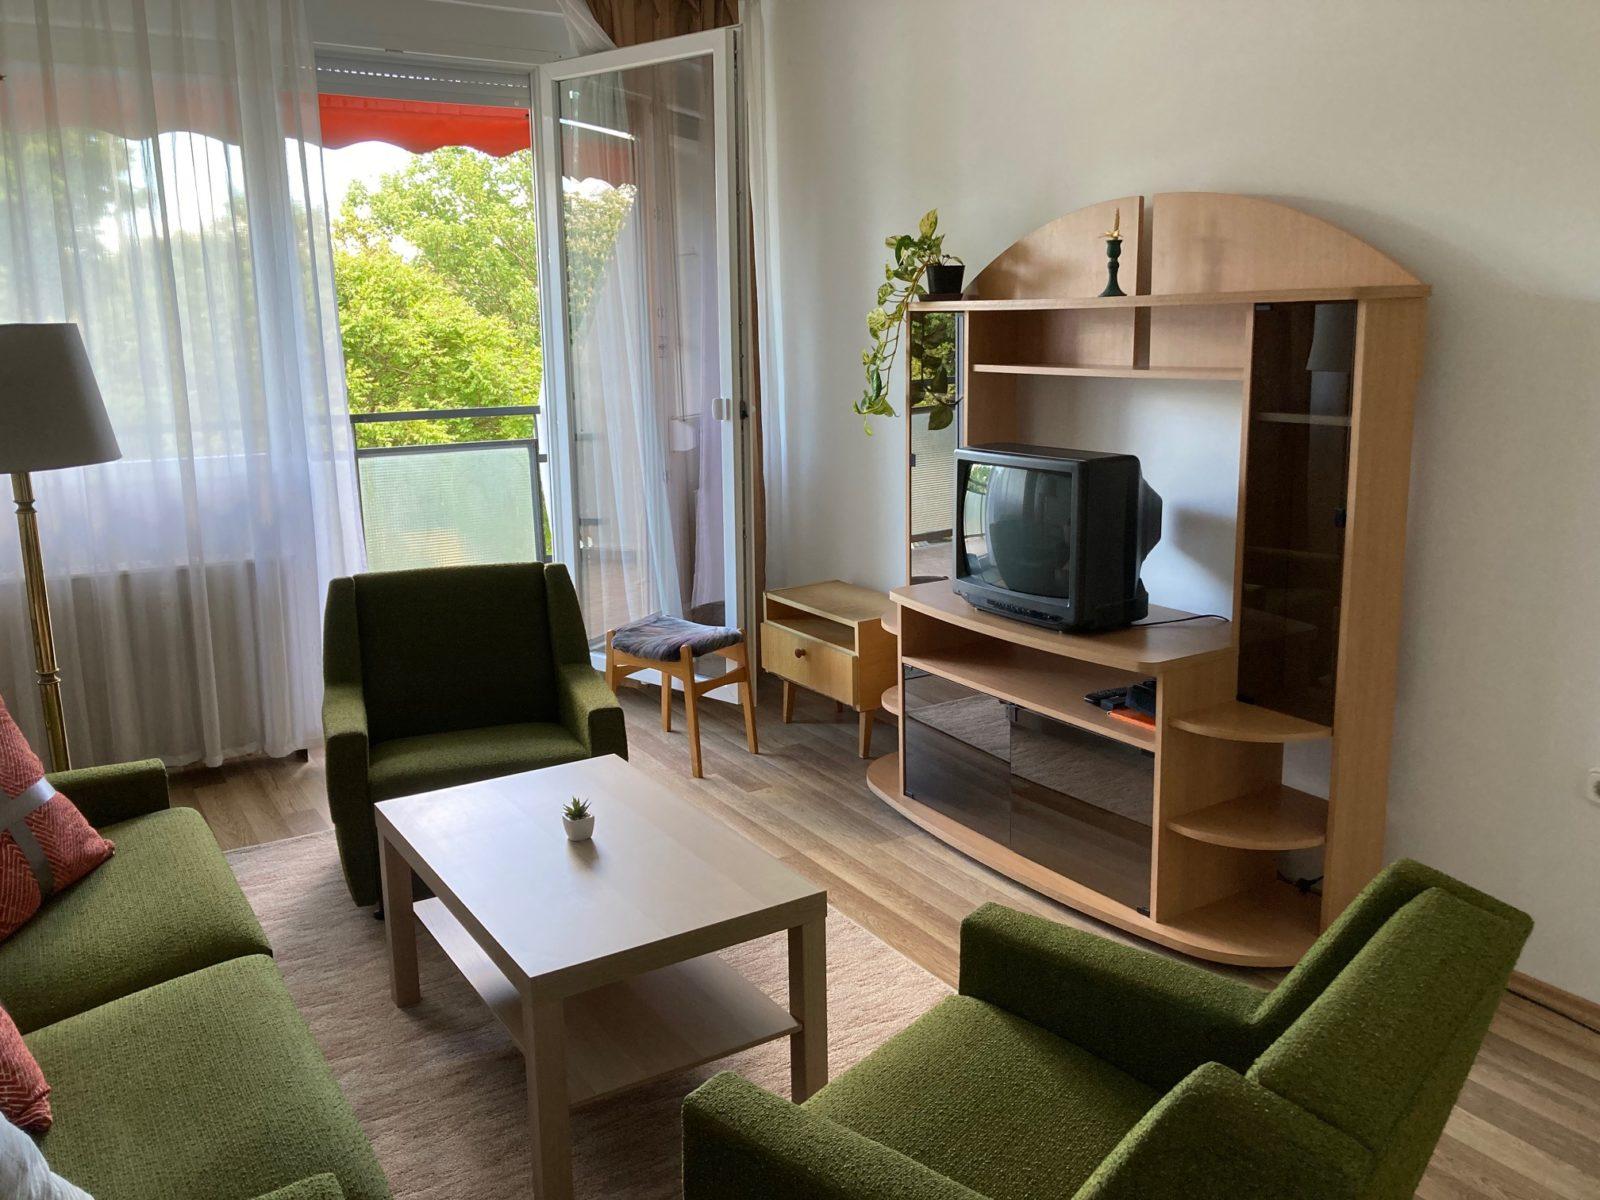 Kertvárosban 1 emeleti 3 szobás felújított lakás kiadó!